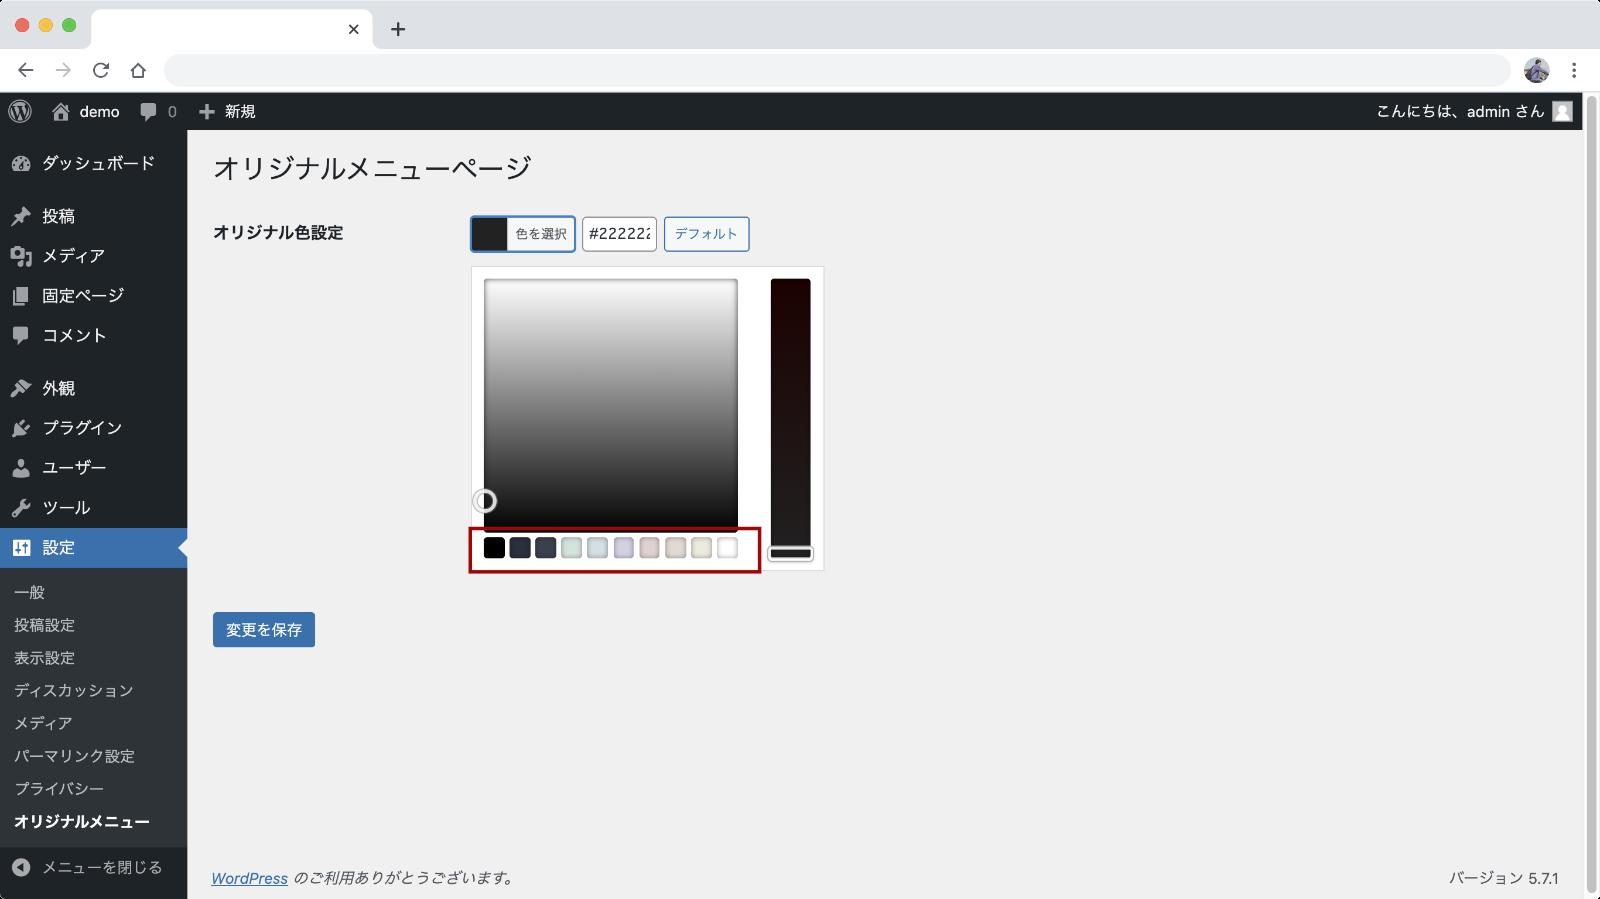 カラーピッカーにブロックエディターのカラーパレットを反映した図